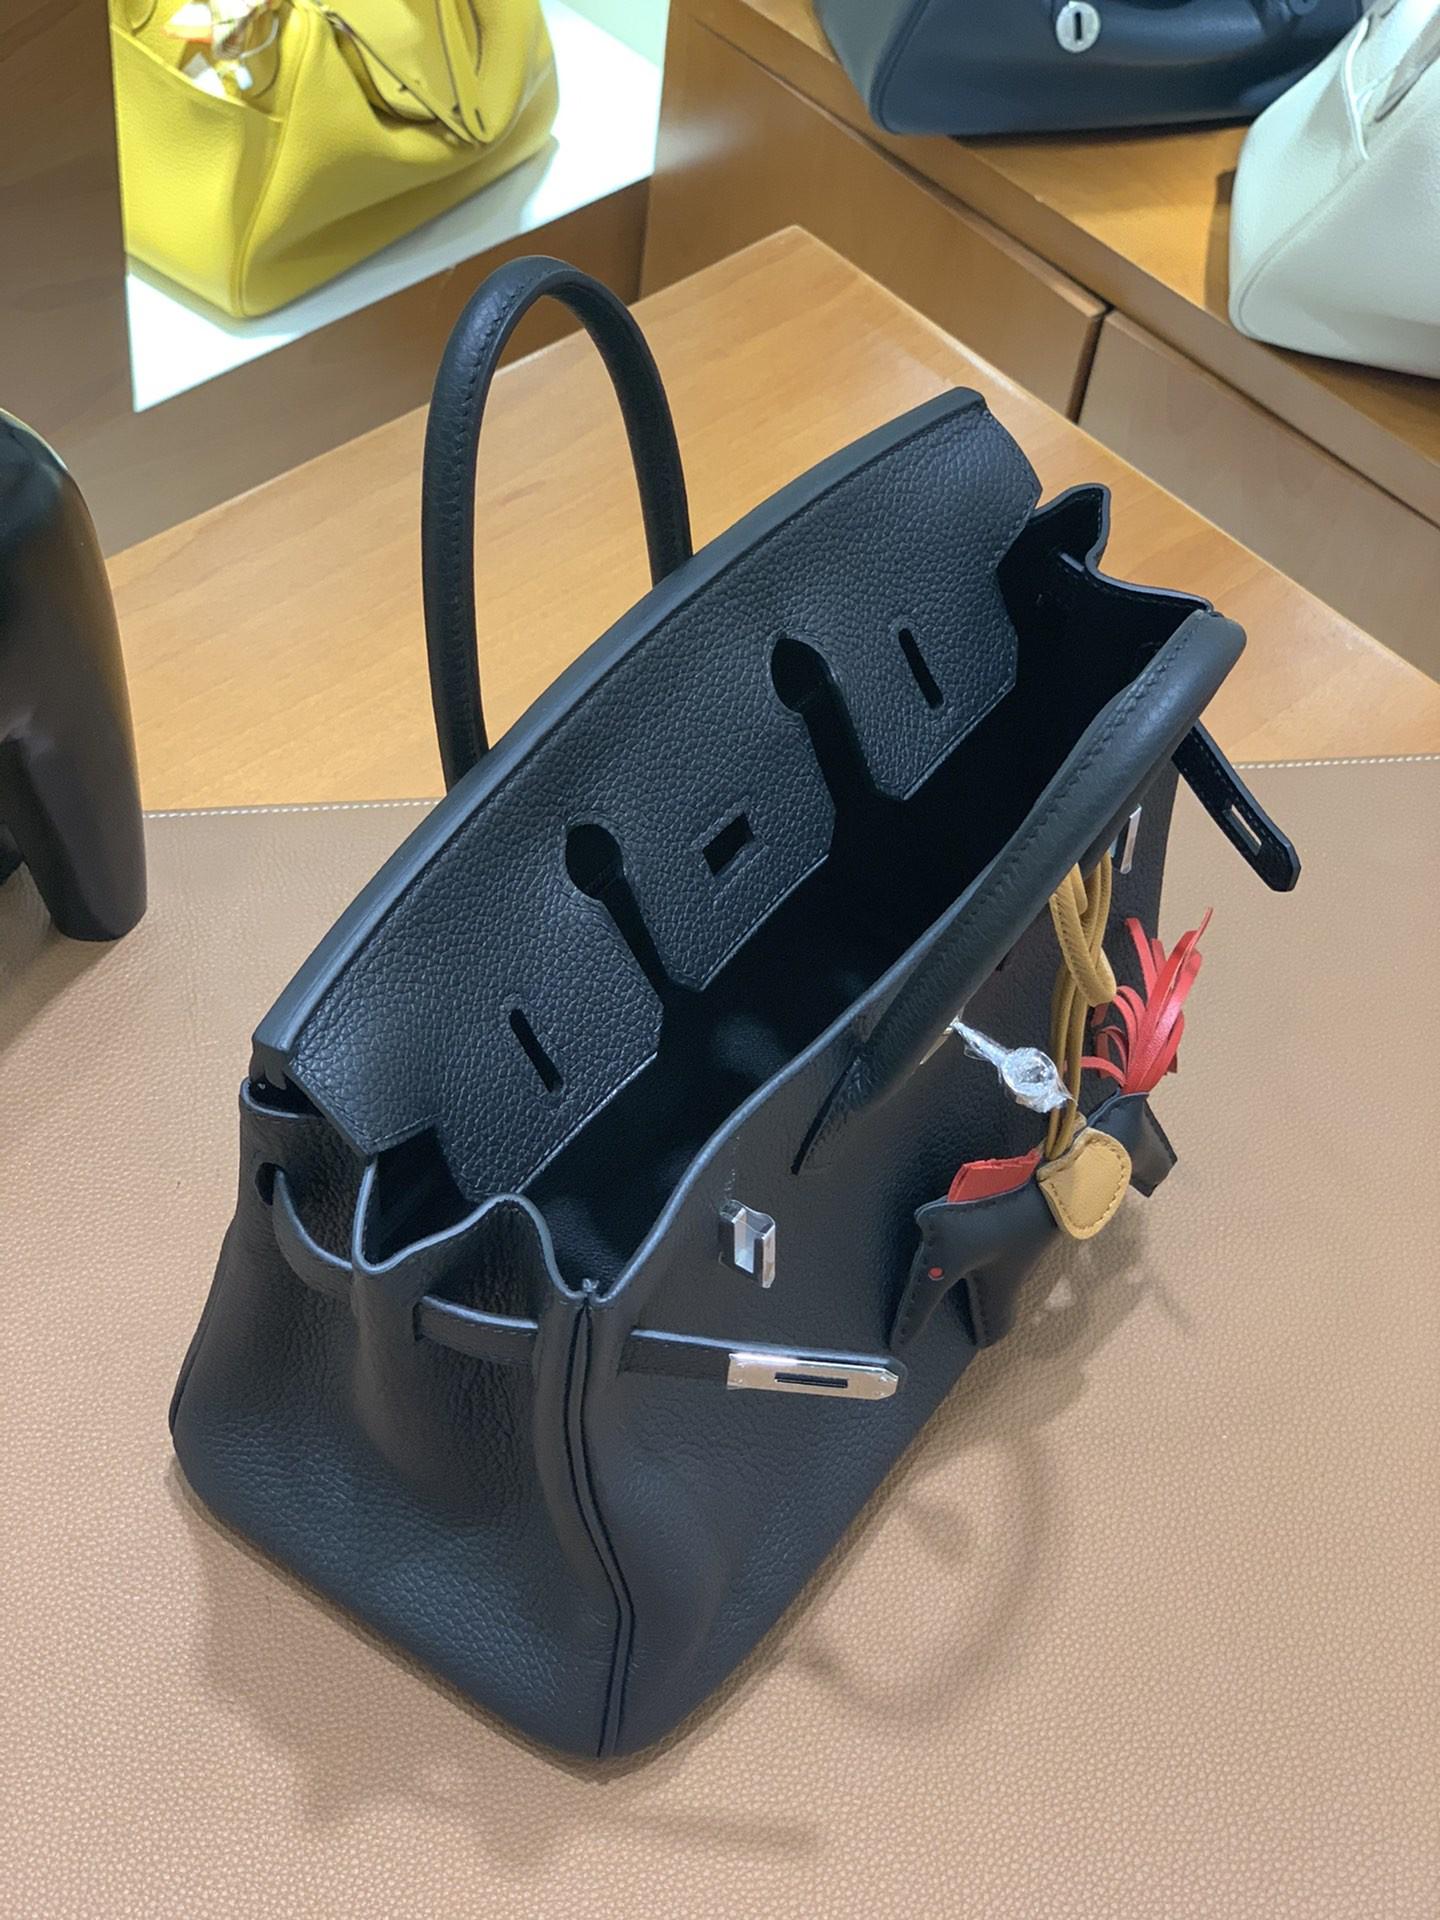 Hermès(爱马仕)Birkin 铂金包 Togo 黑色 银扣 25cm